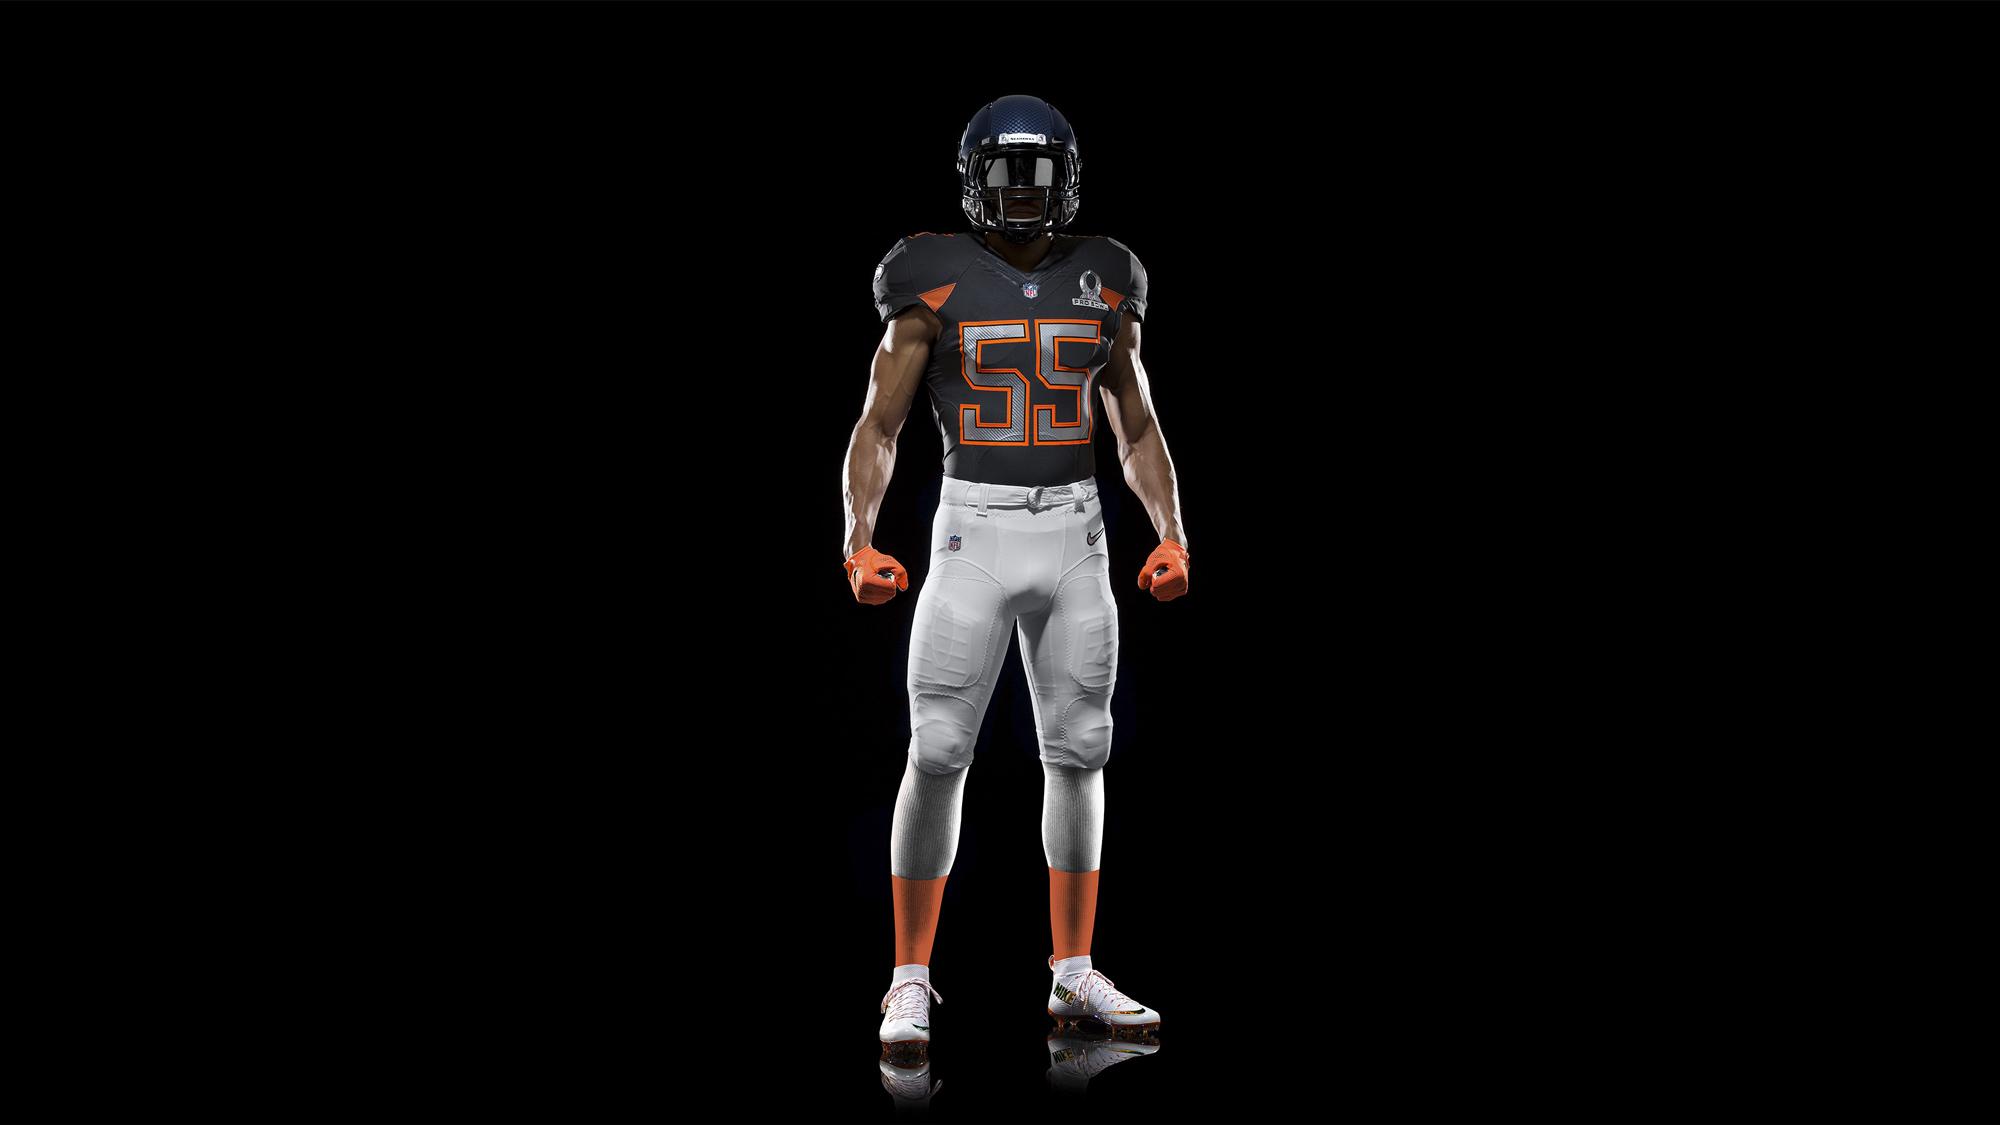 SP14_NFL_SB_TeamUni_NFC_4678_PR_original.jpg